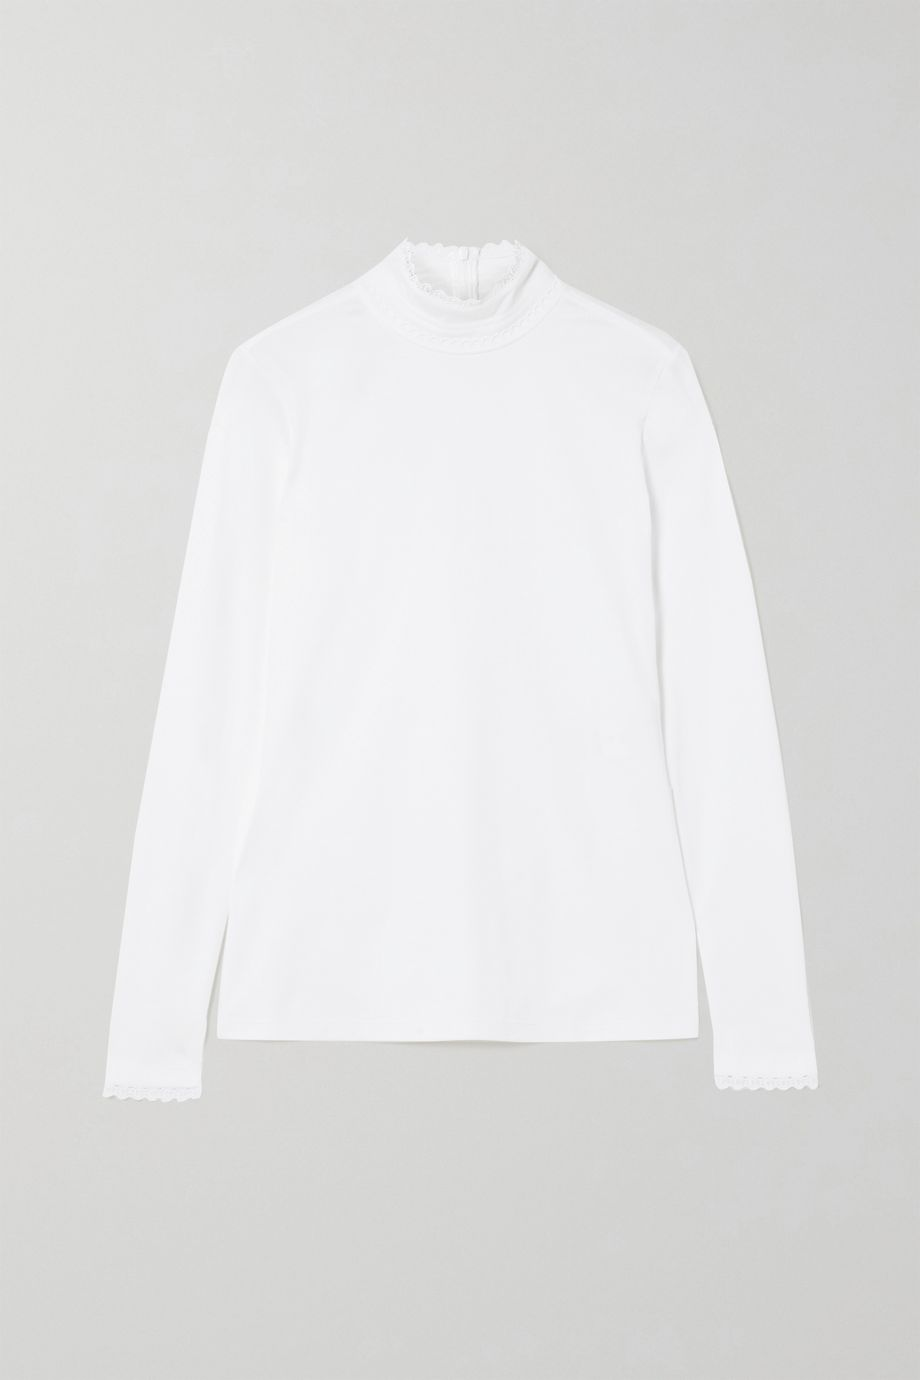 Chloé Lace-trimmed cotton-jersey turtleneck top